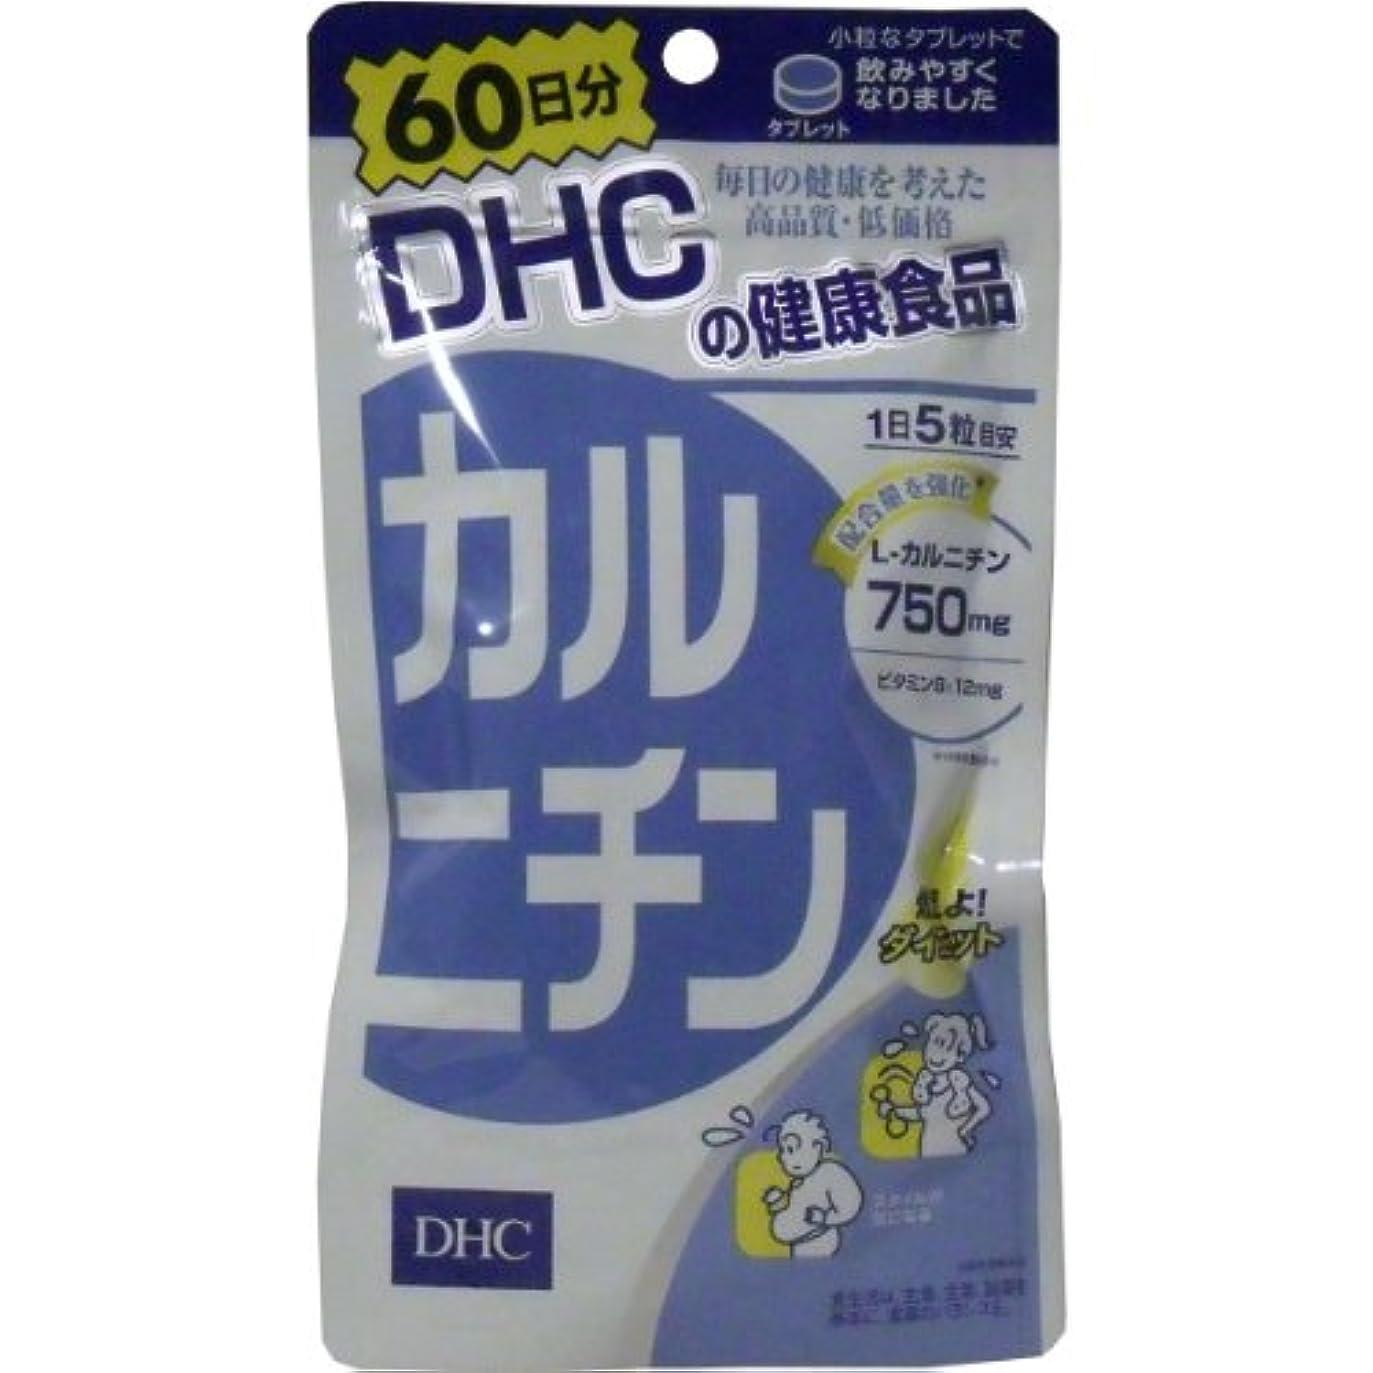 中止します努力分解するDHC カルニチン 300粒 60日分 (商品内訳:単品1個)